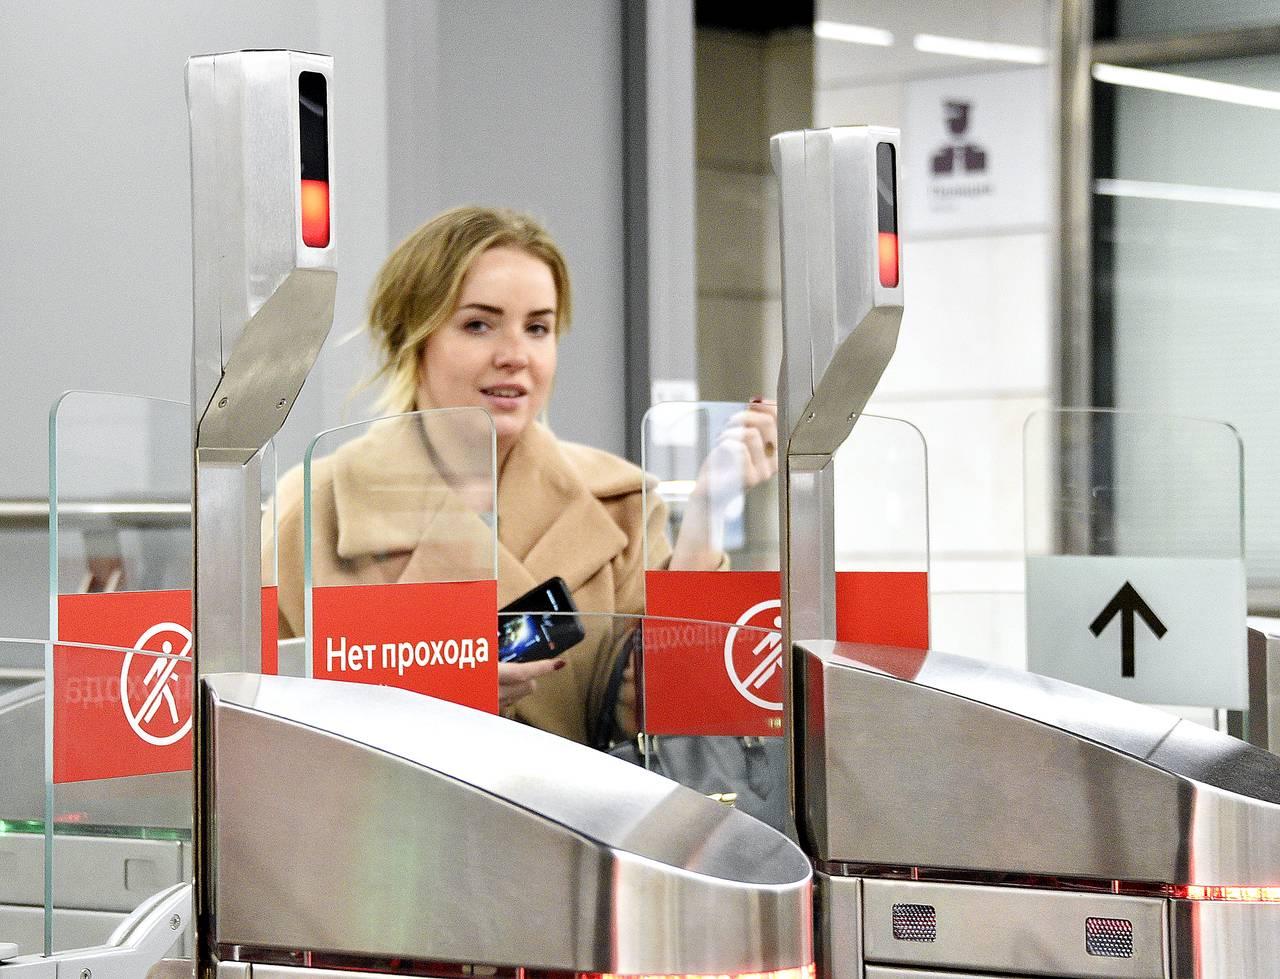 Система Face Pay заработала на всех станциях Московского метрополитена